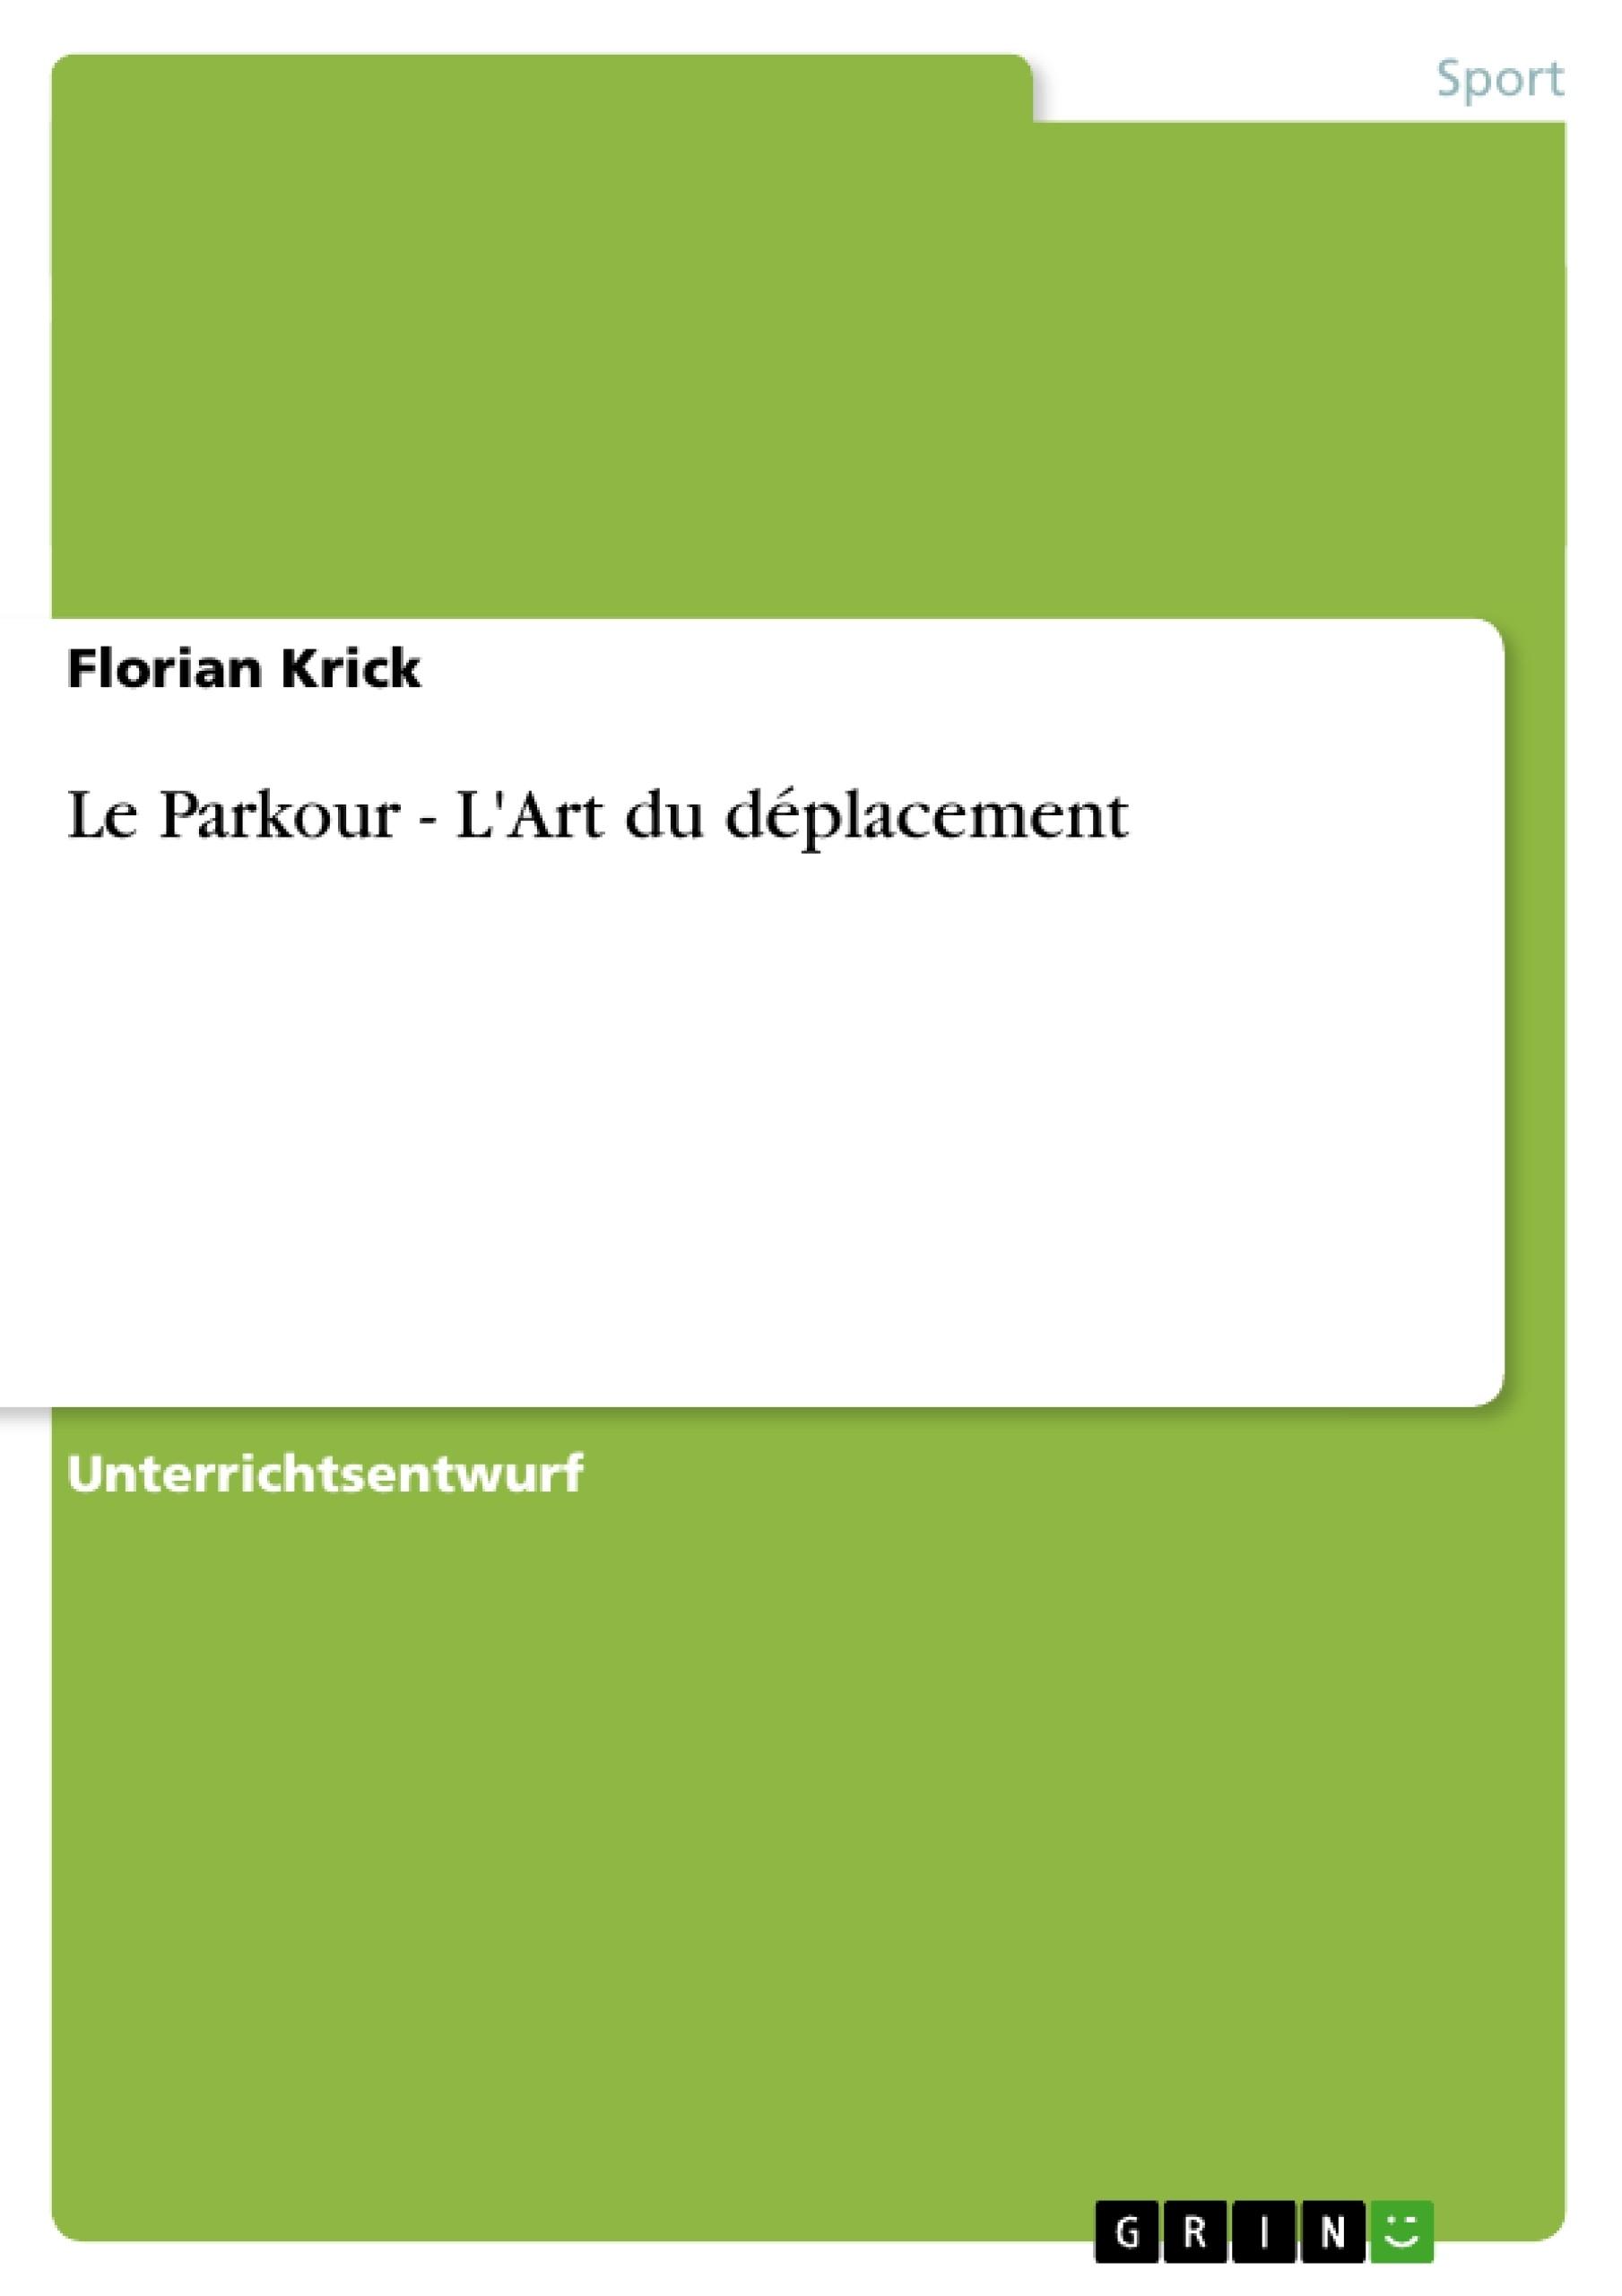 Titel: Le Parkour - L'Art du déplacement